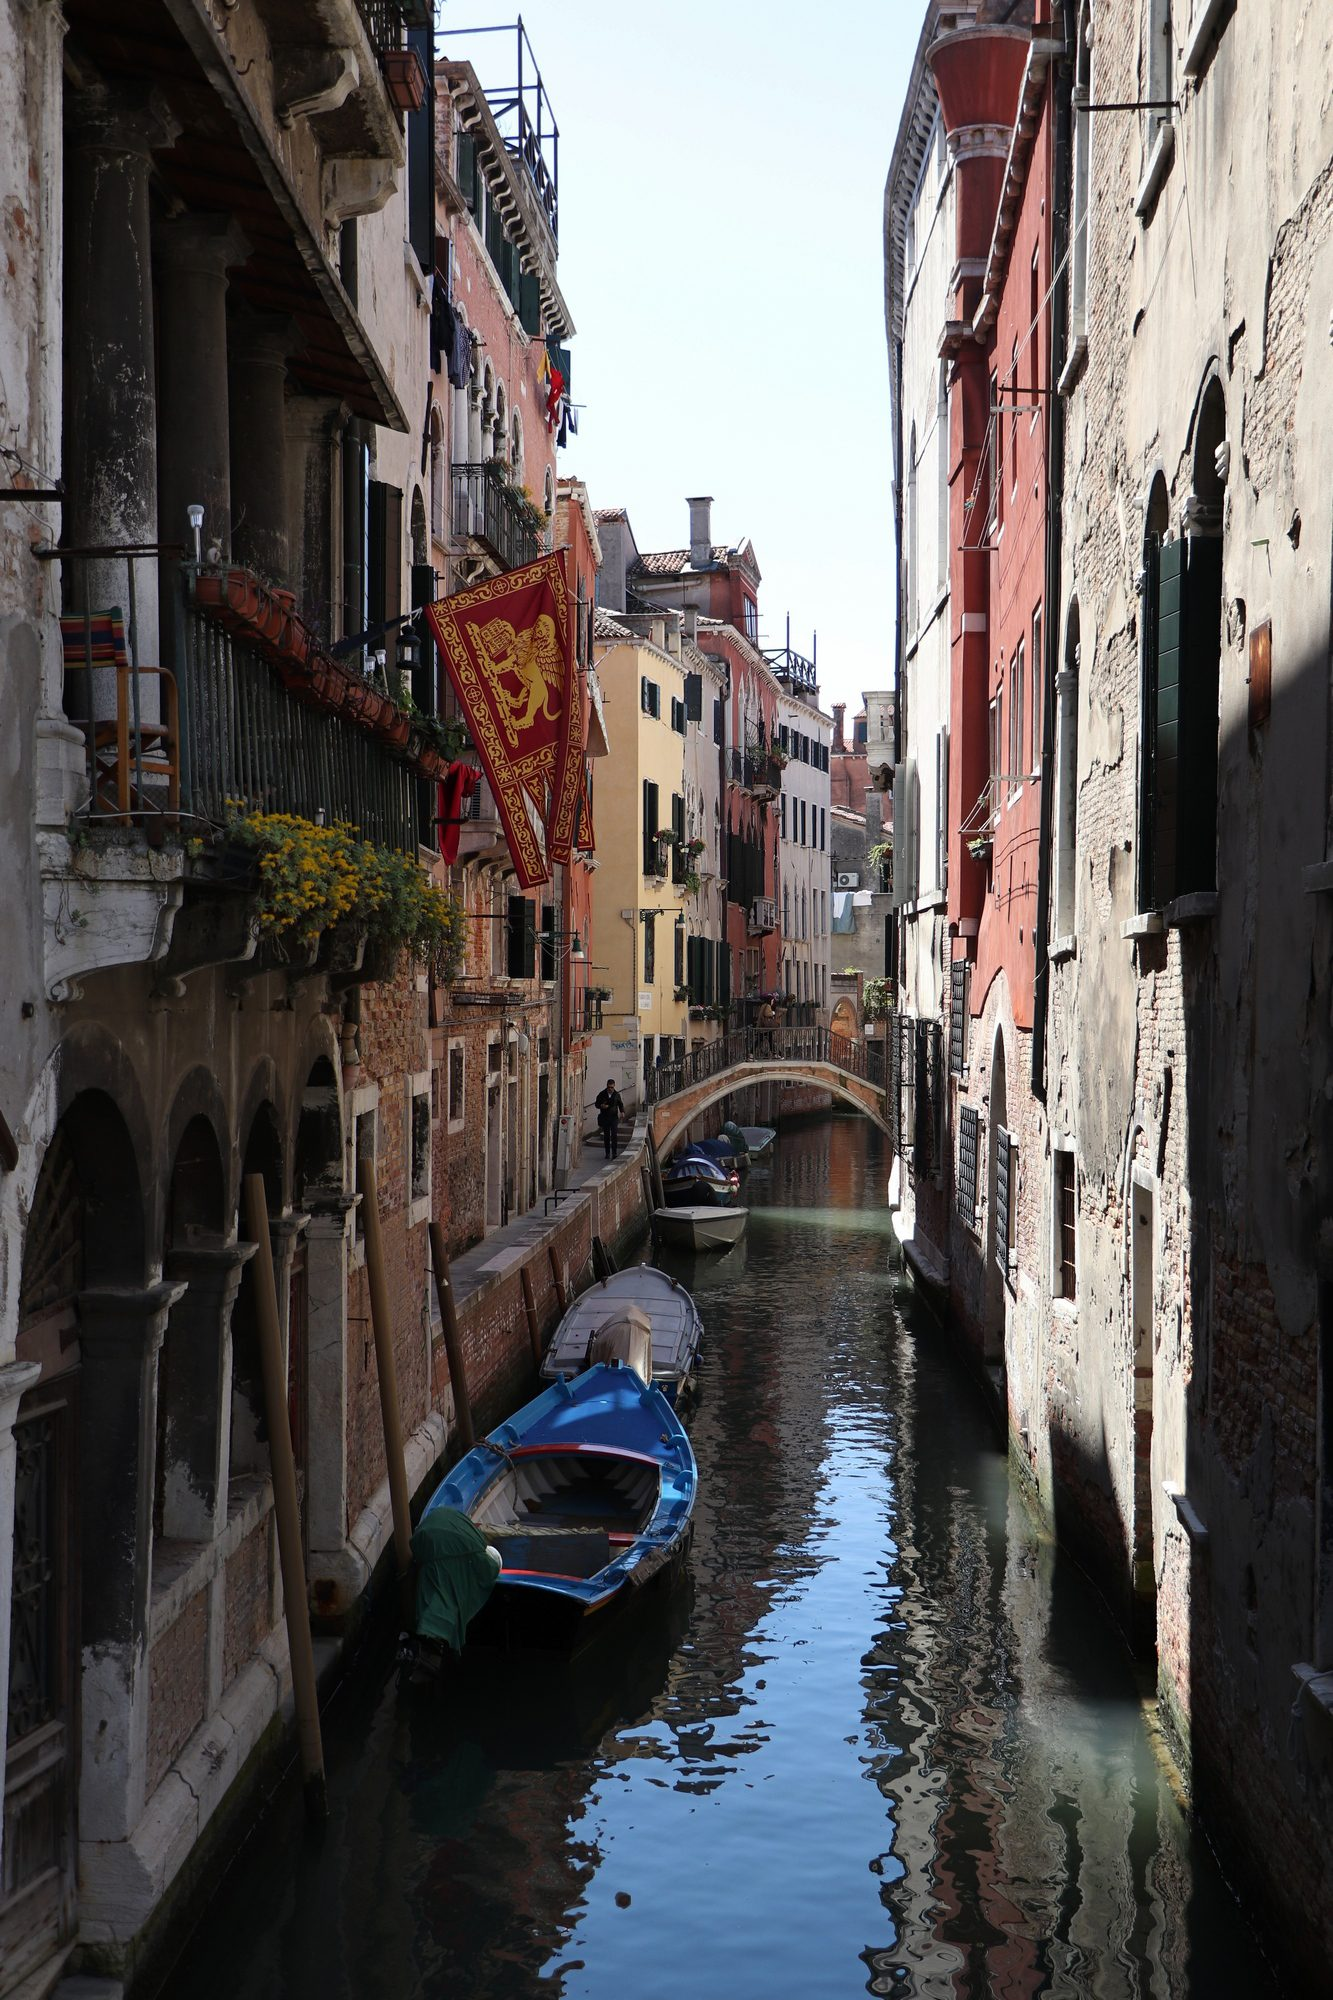 Kanal in Venedig